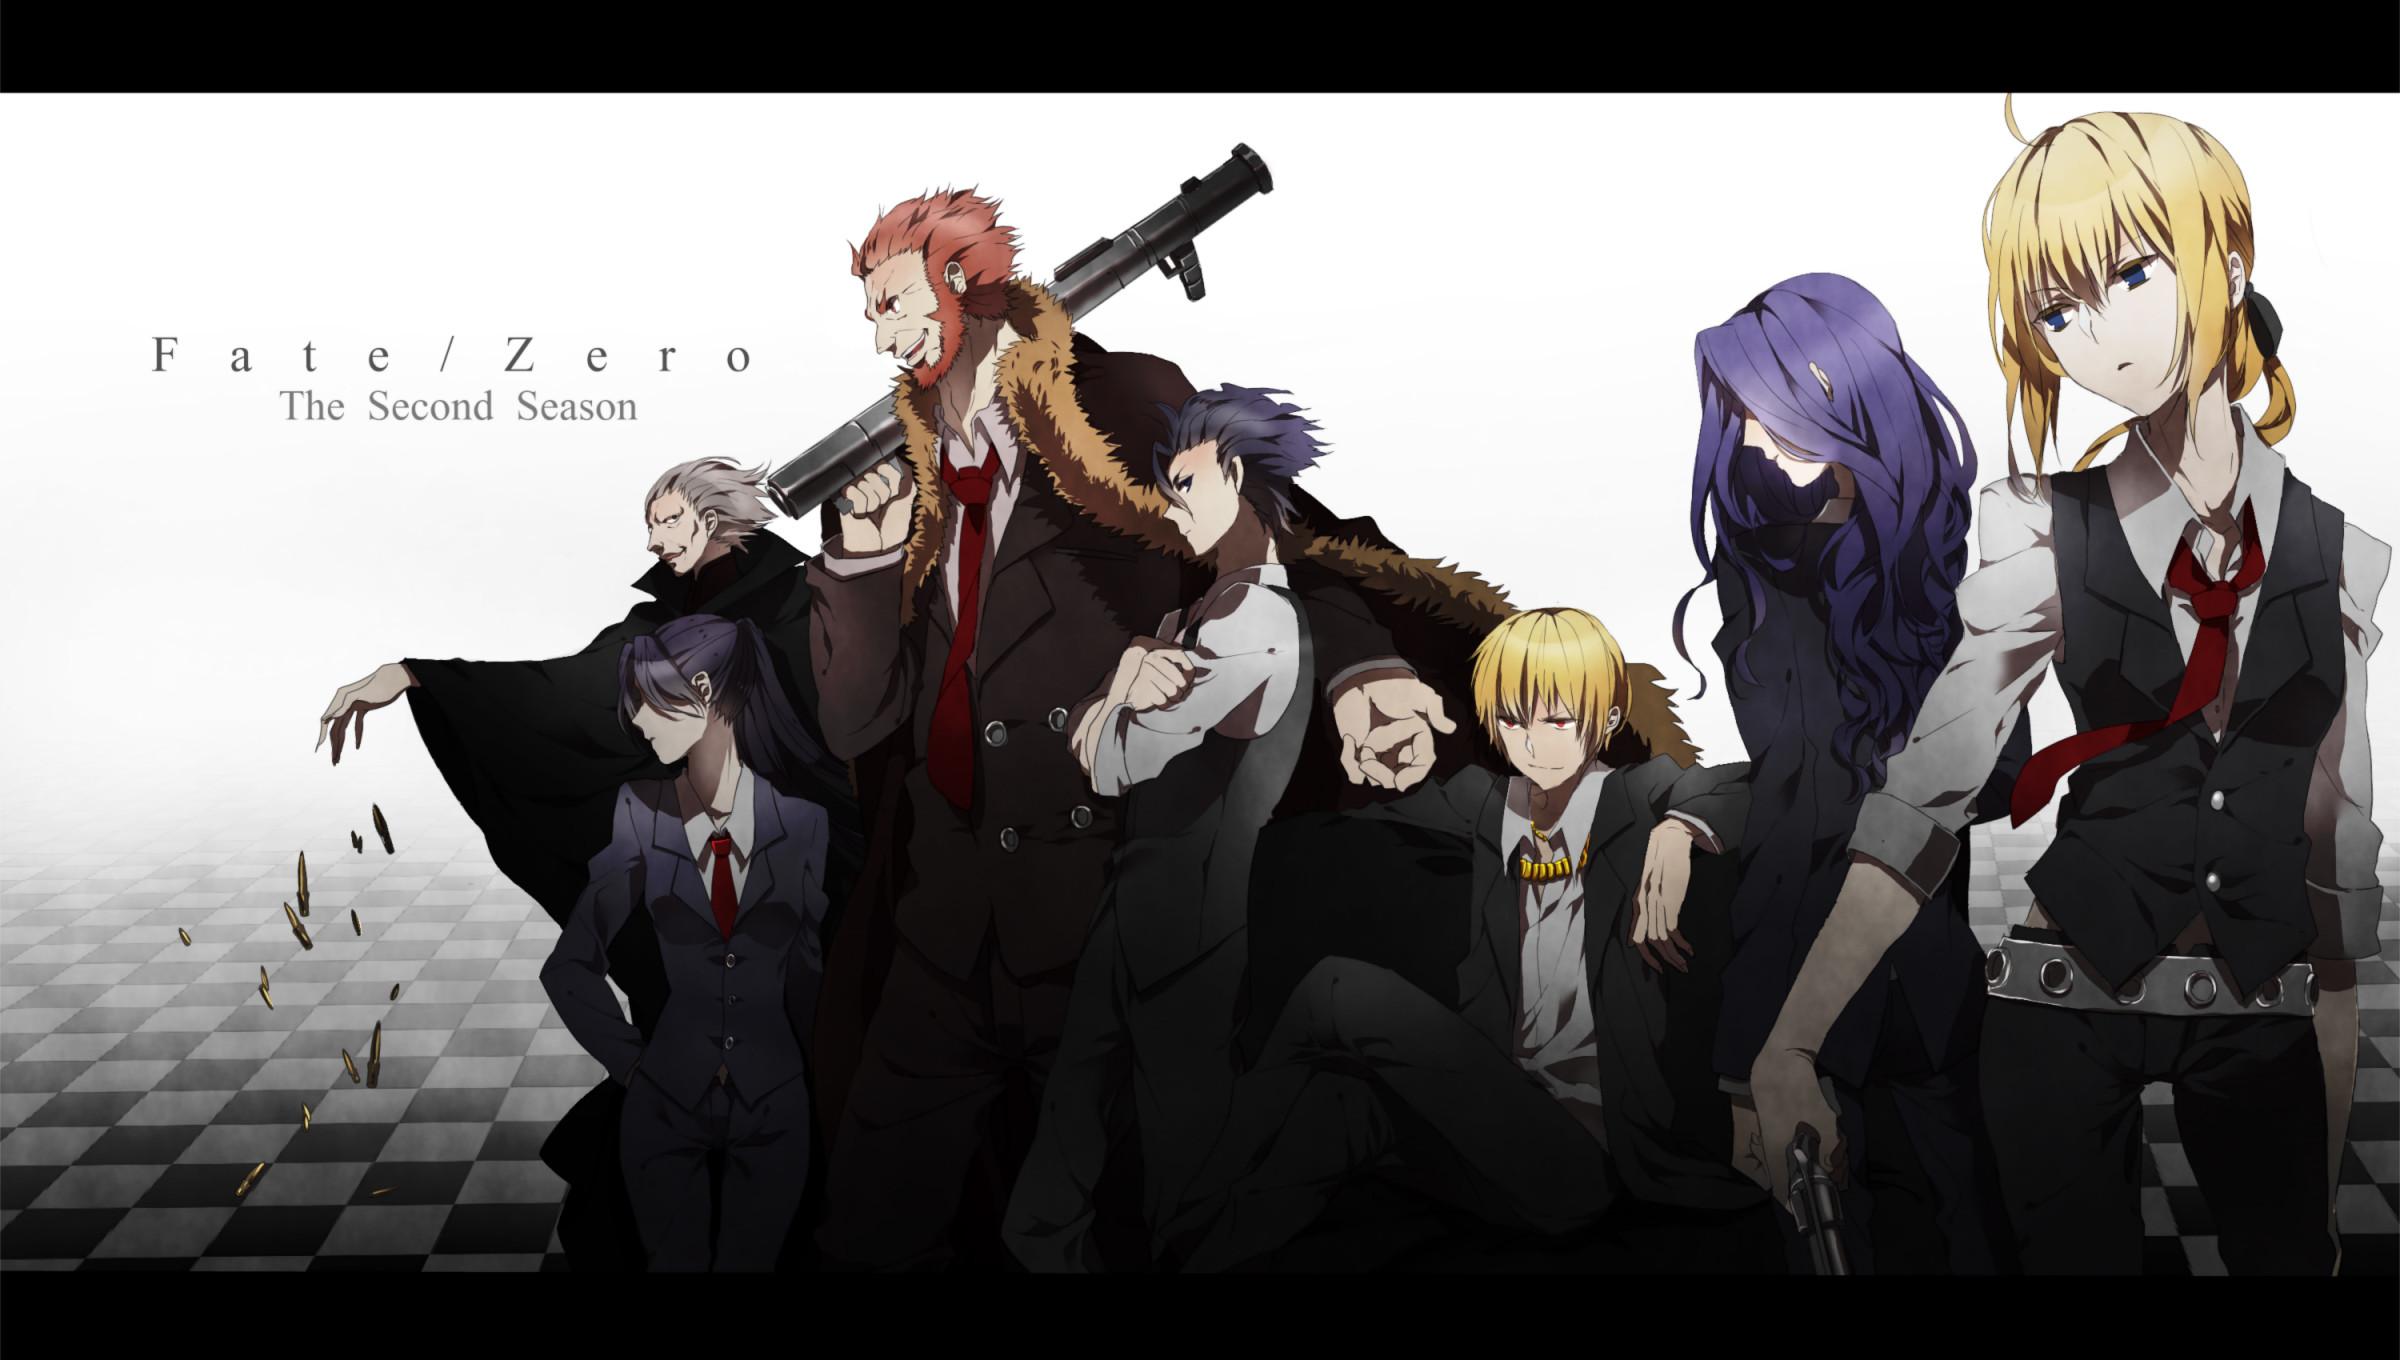 Fate/zero · download Fate/zero image